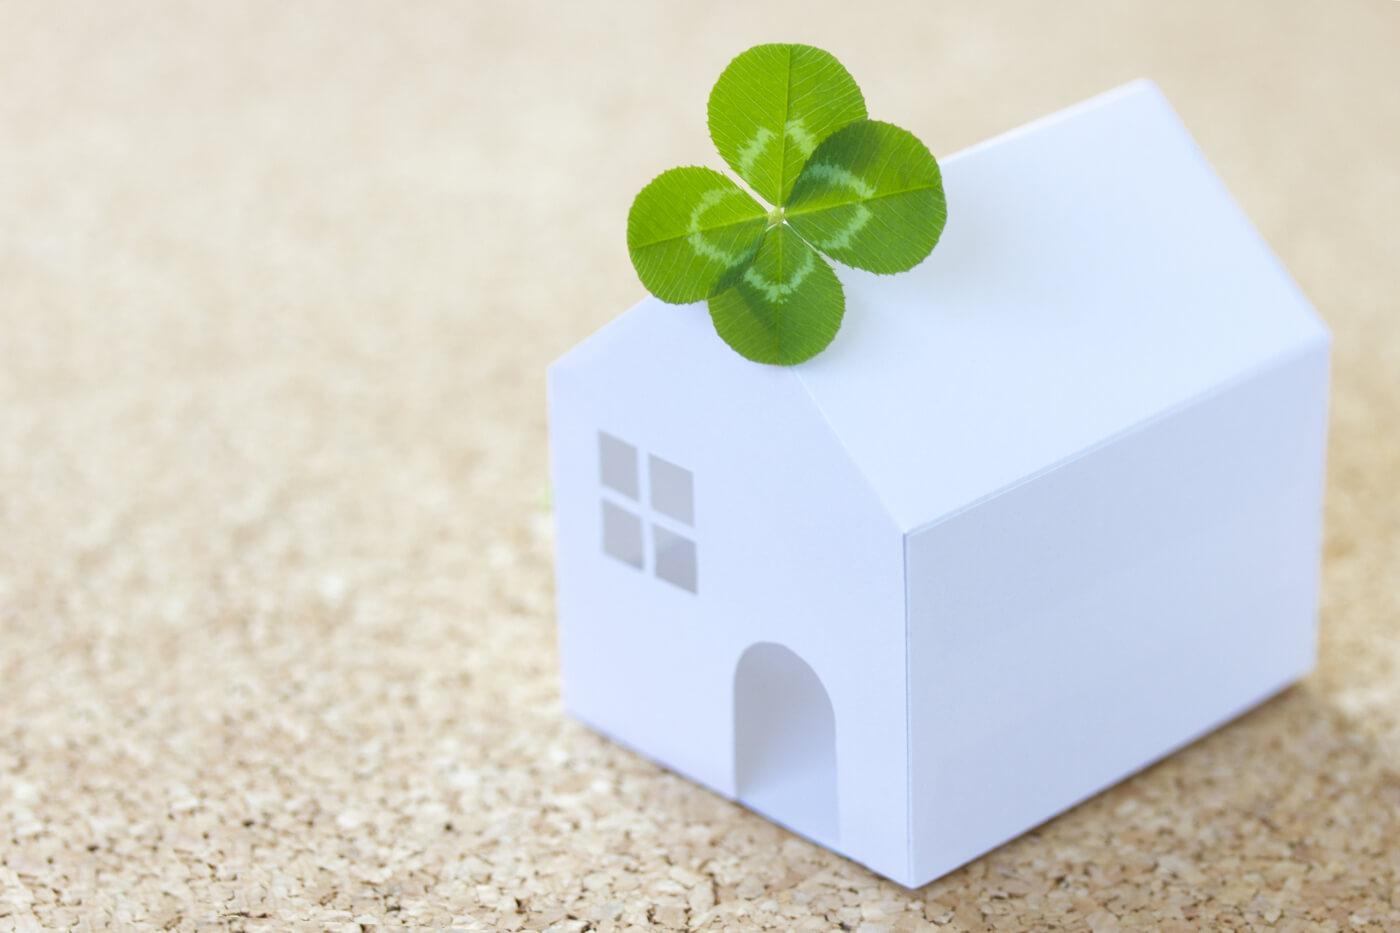 老人ホームの入居一時金と償却期間を理解しトラブルを防ぐ